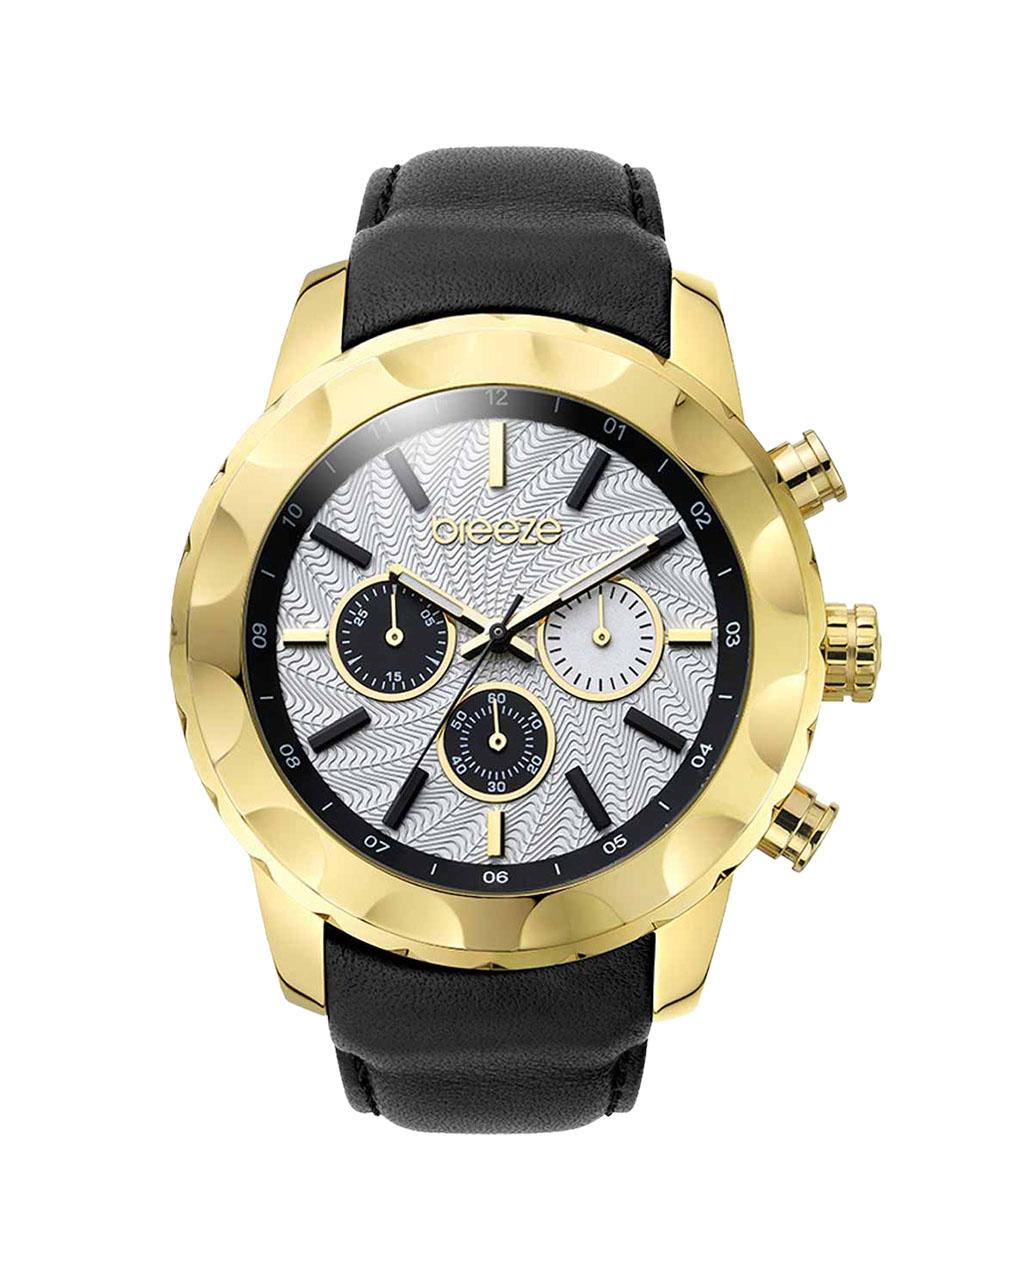 Ρολόι BREEZE 110261.1   προσφορεσ ρολόγια ρολόγια έως 100ε